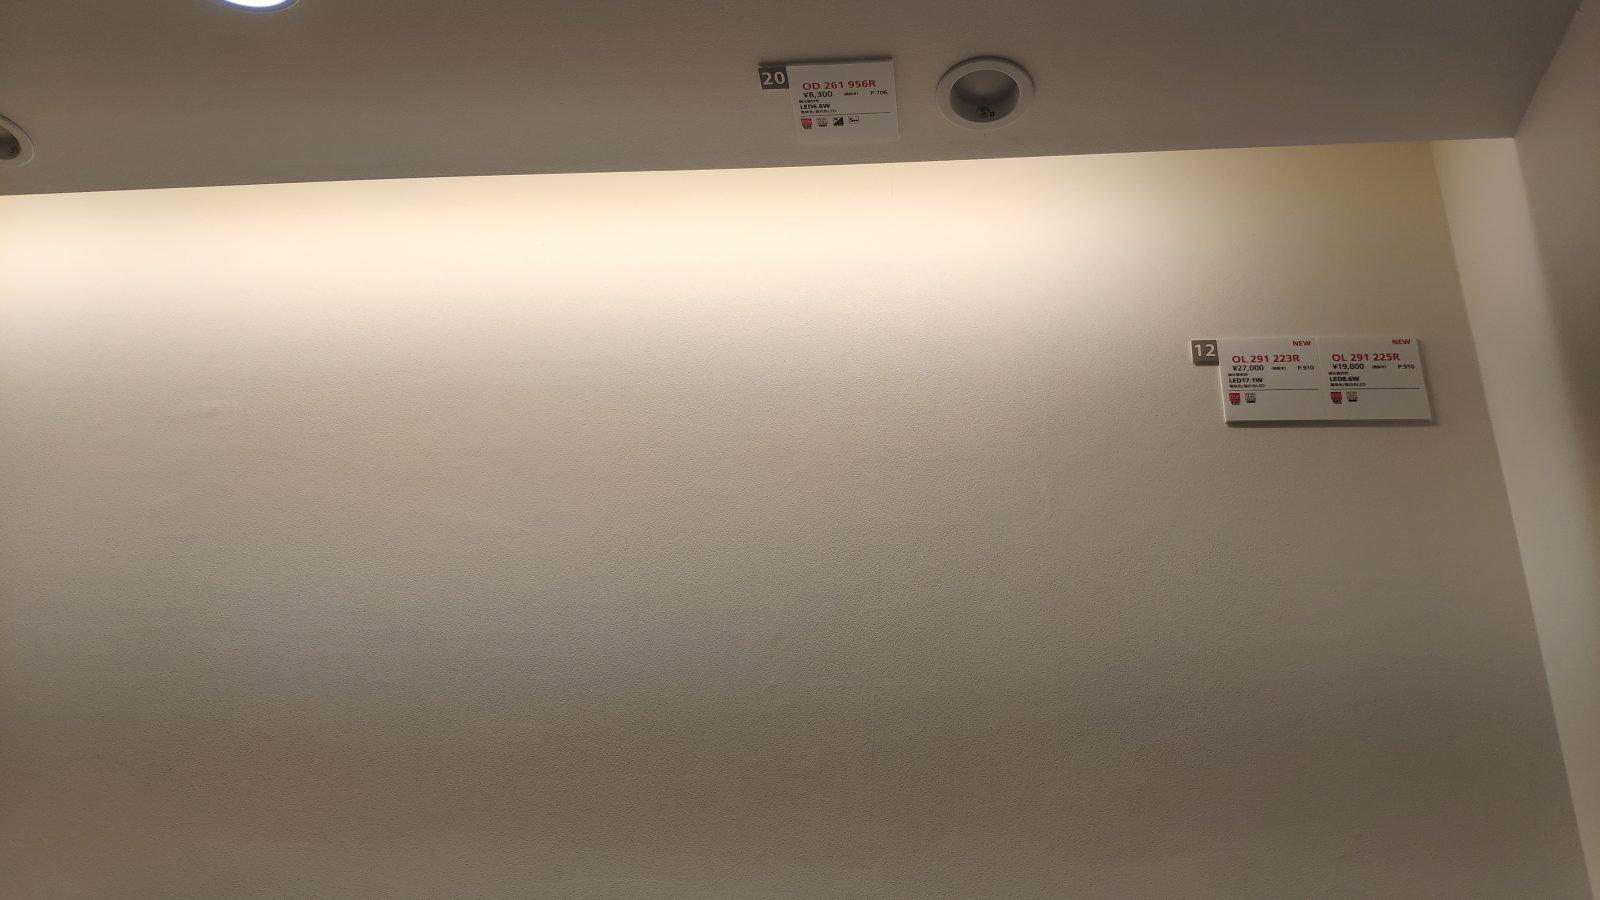 ライン照明を使ったコーニス照明(実際は全体的にもっと明るく見えます)